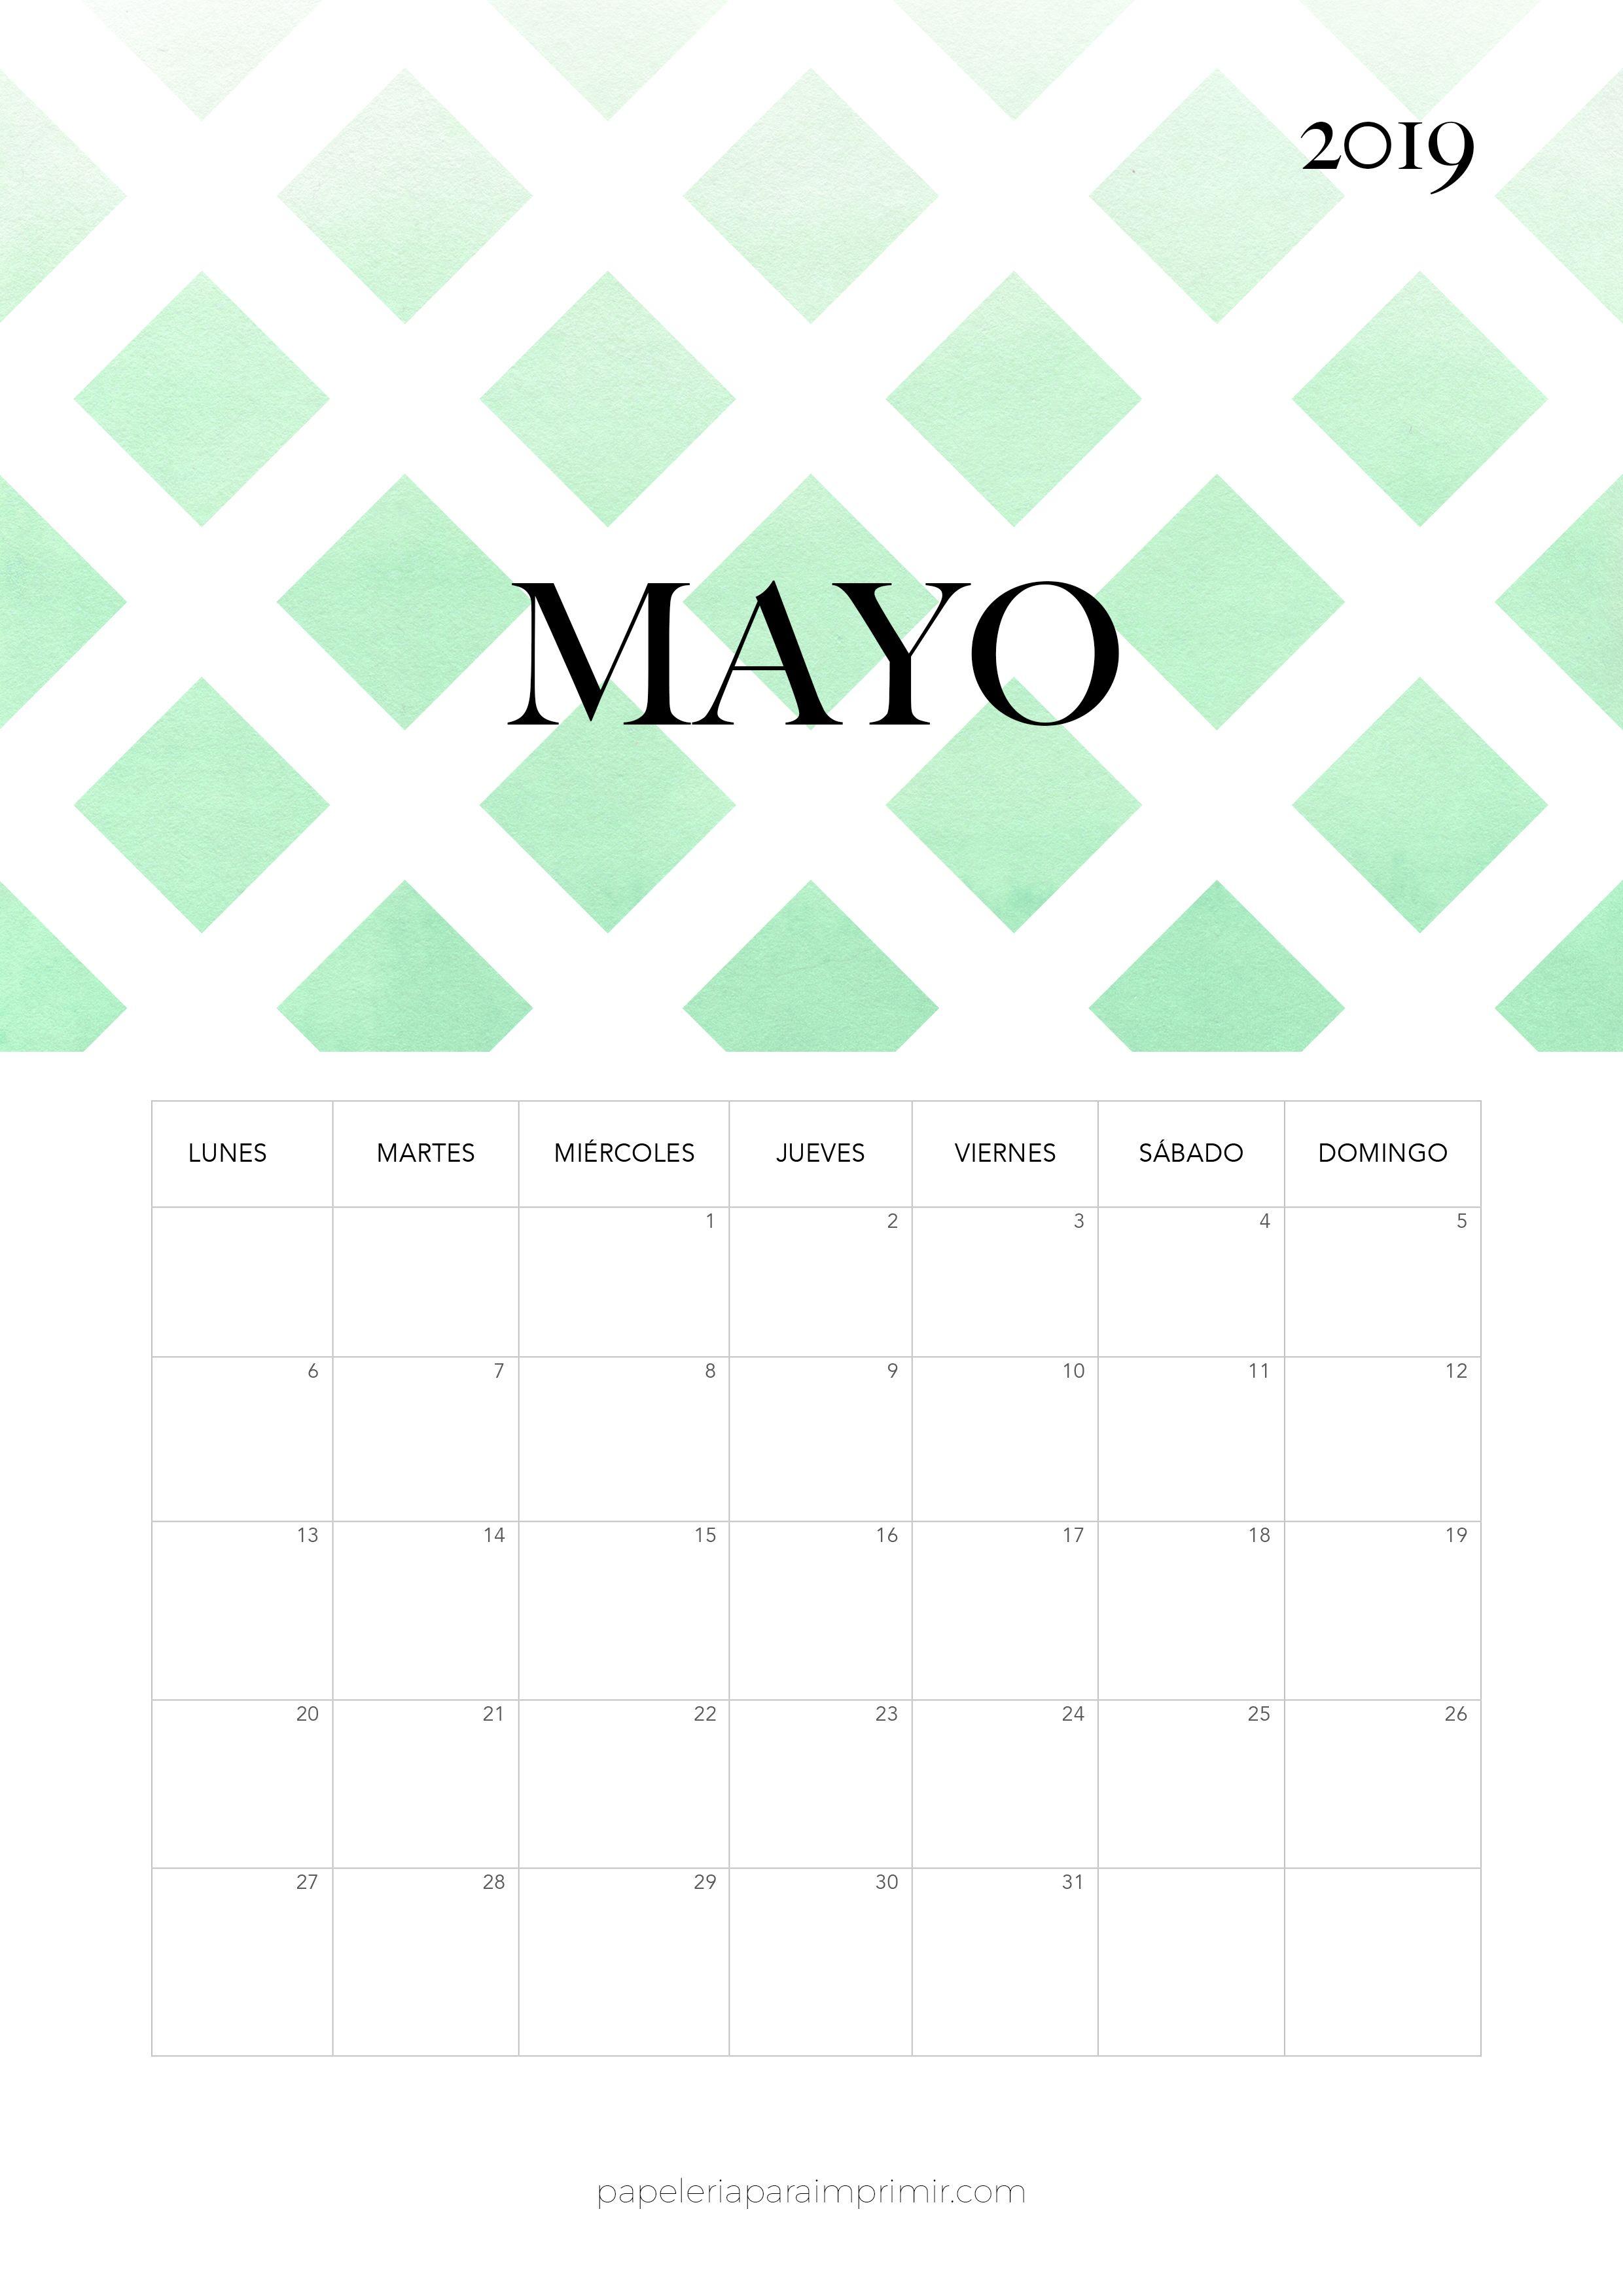 Calendario 2019 Moderno.Calendario 2019 Mayo Calendario Mensual Moderno De Estilo